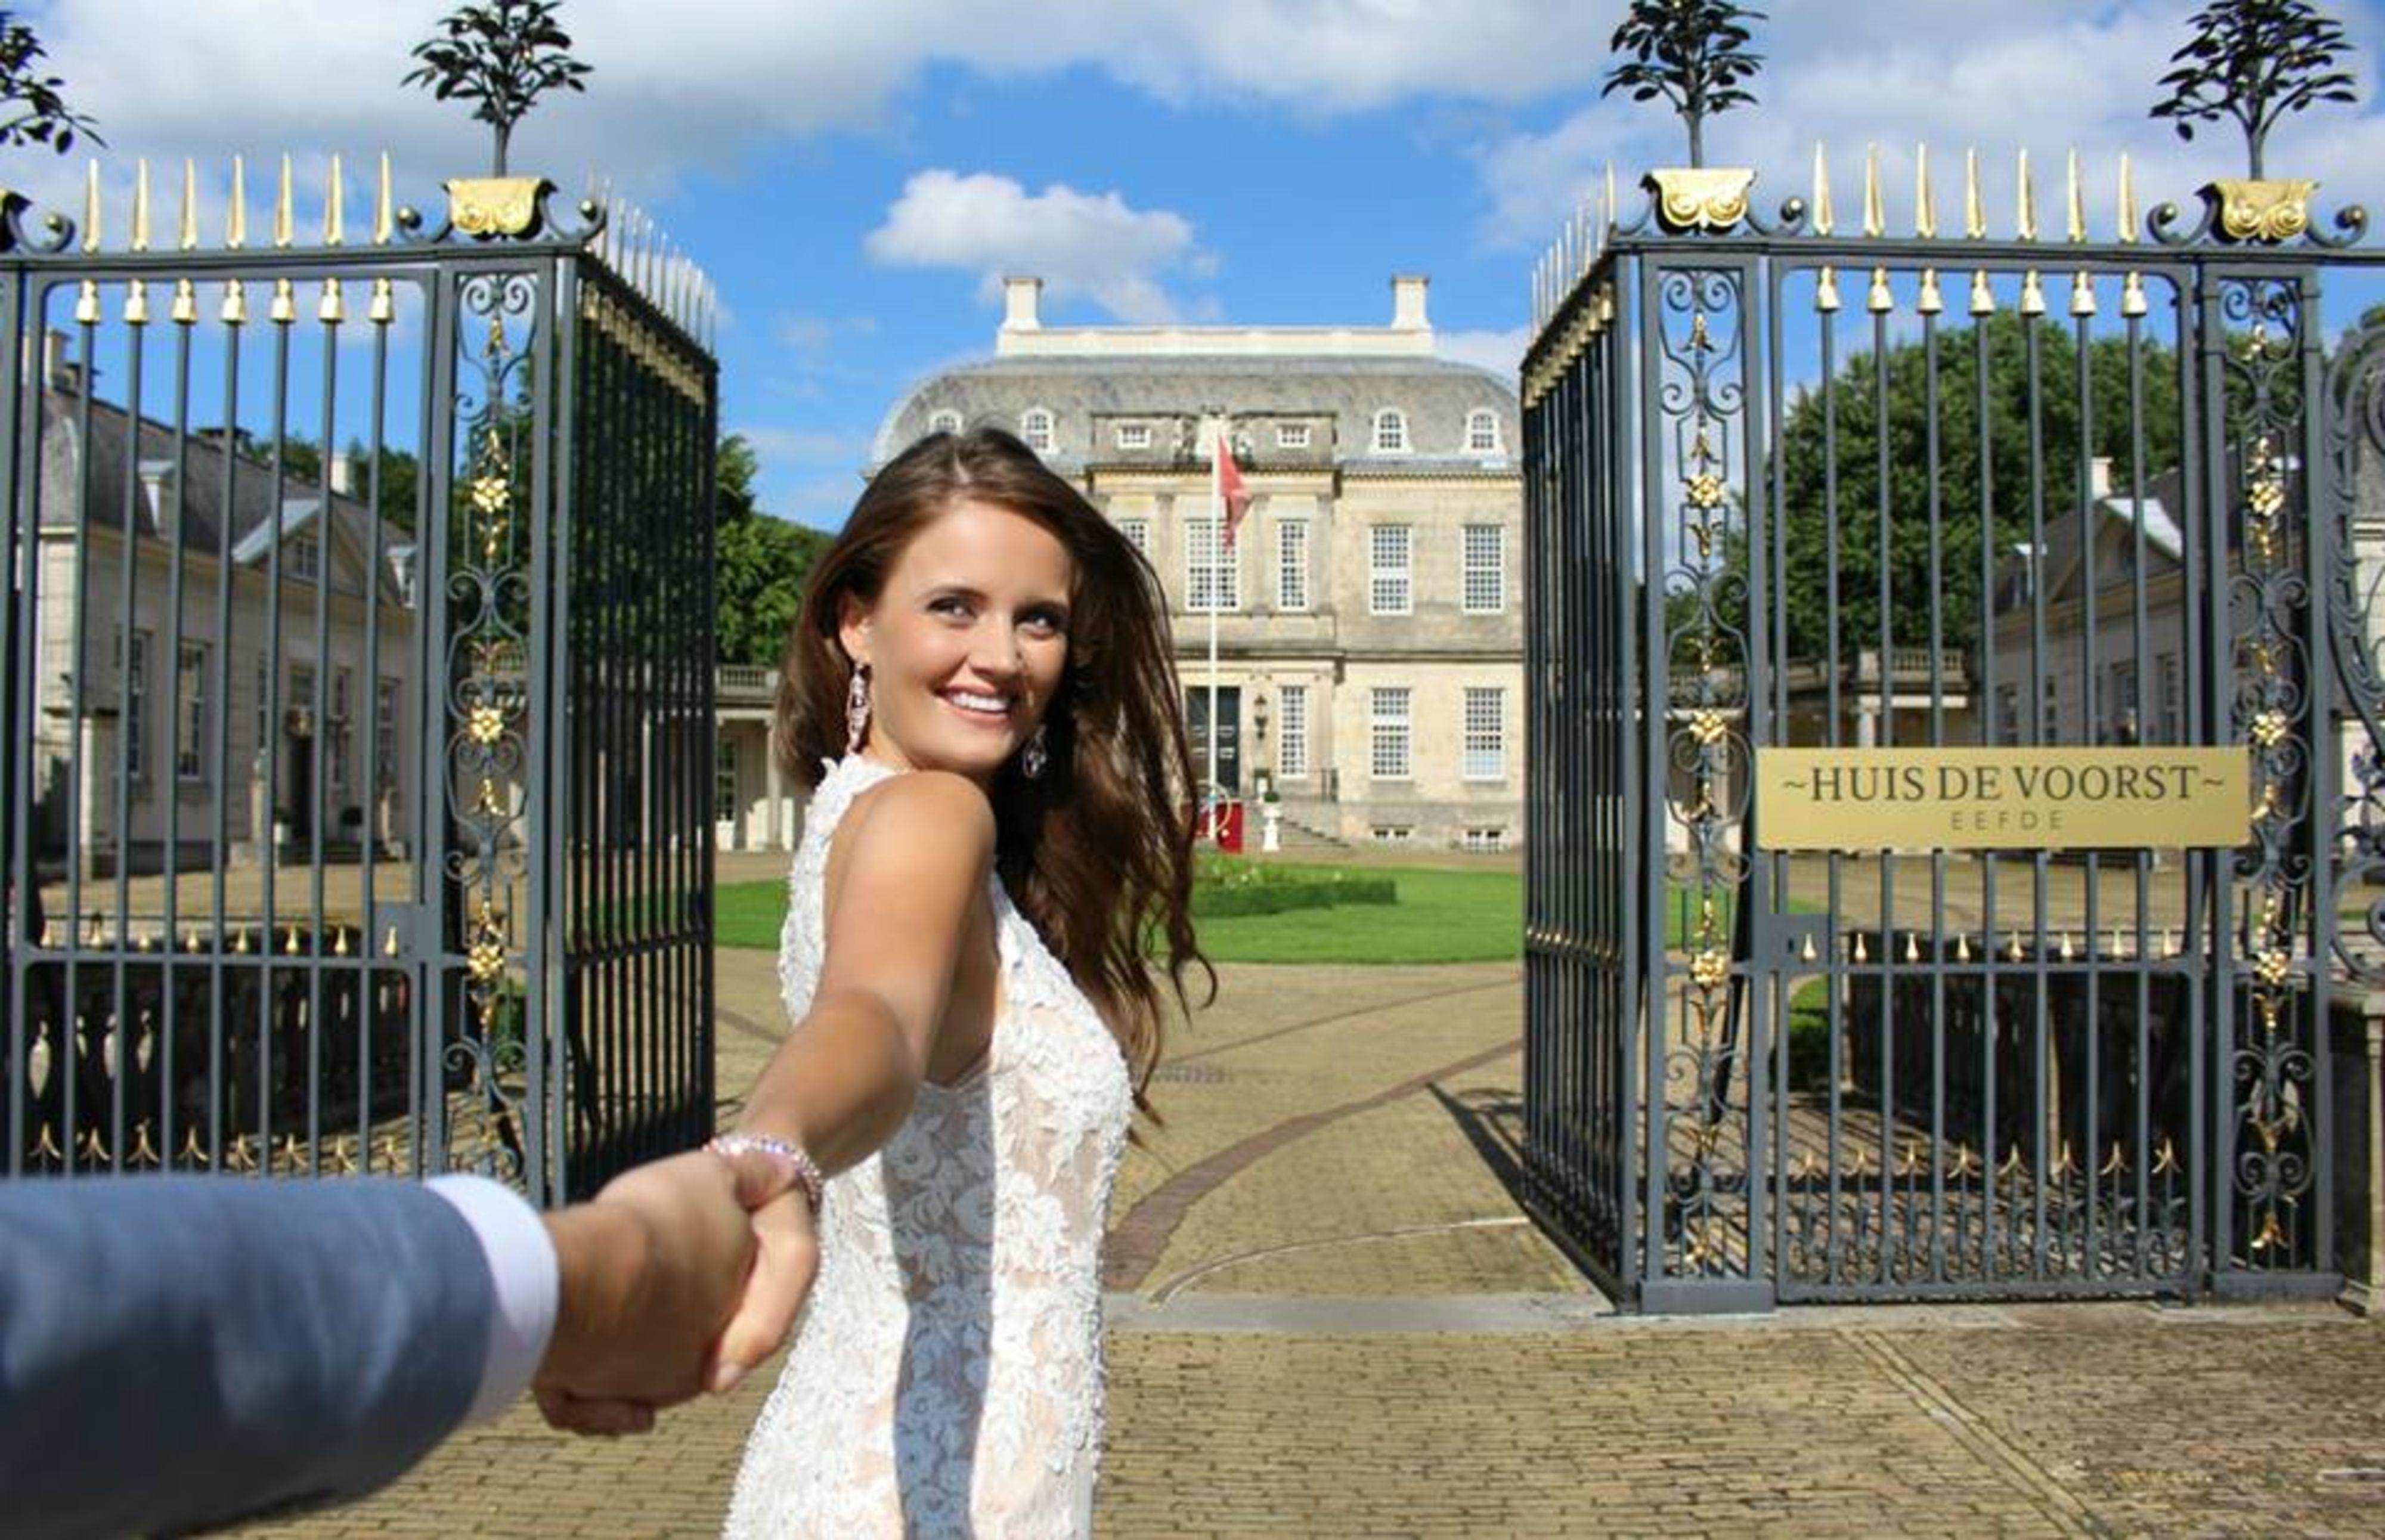 Huis de Voorst trouwlocatie